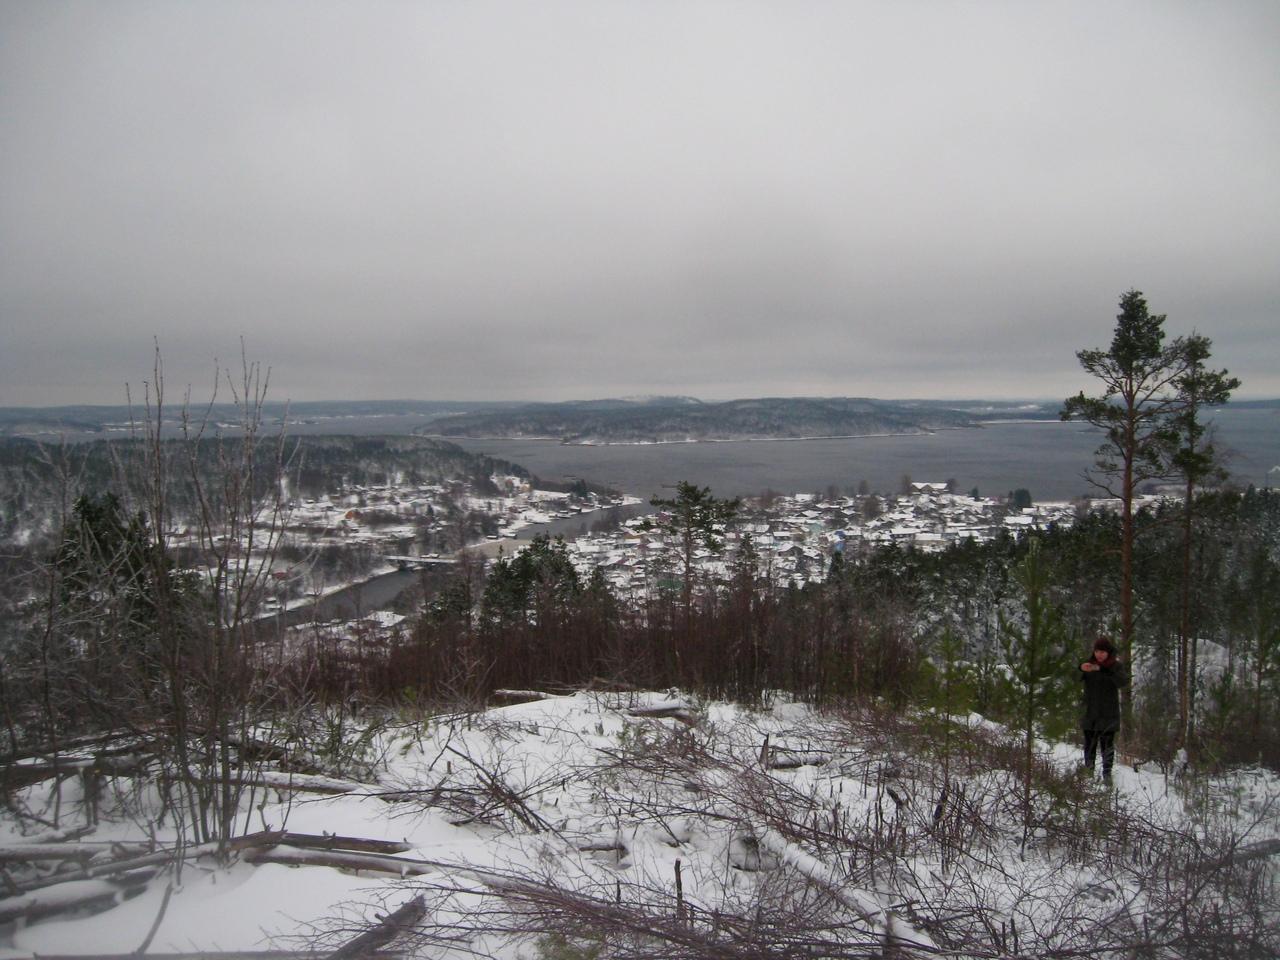 Декабрь.Один день в Карелии. Хийтола,Метсямикли и Хийденсельга. Водопад, горы и пещера в скале.